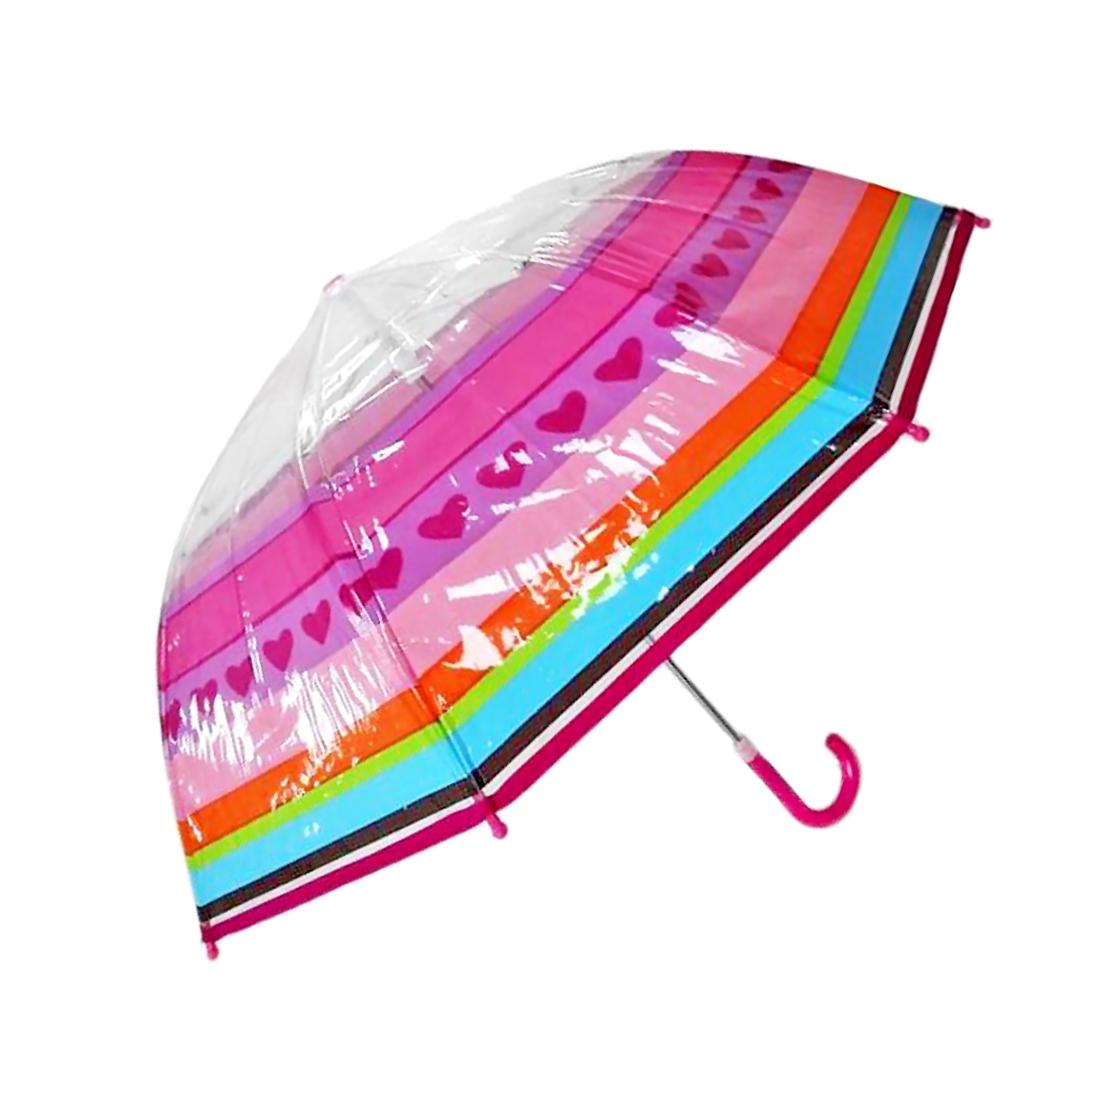 Зонты Mary Poppins Зонт детский Mary Poppins « Радуга» 46 см детские зонтики mary poppins автомобиль 46 см